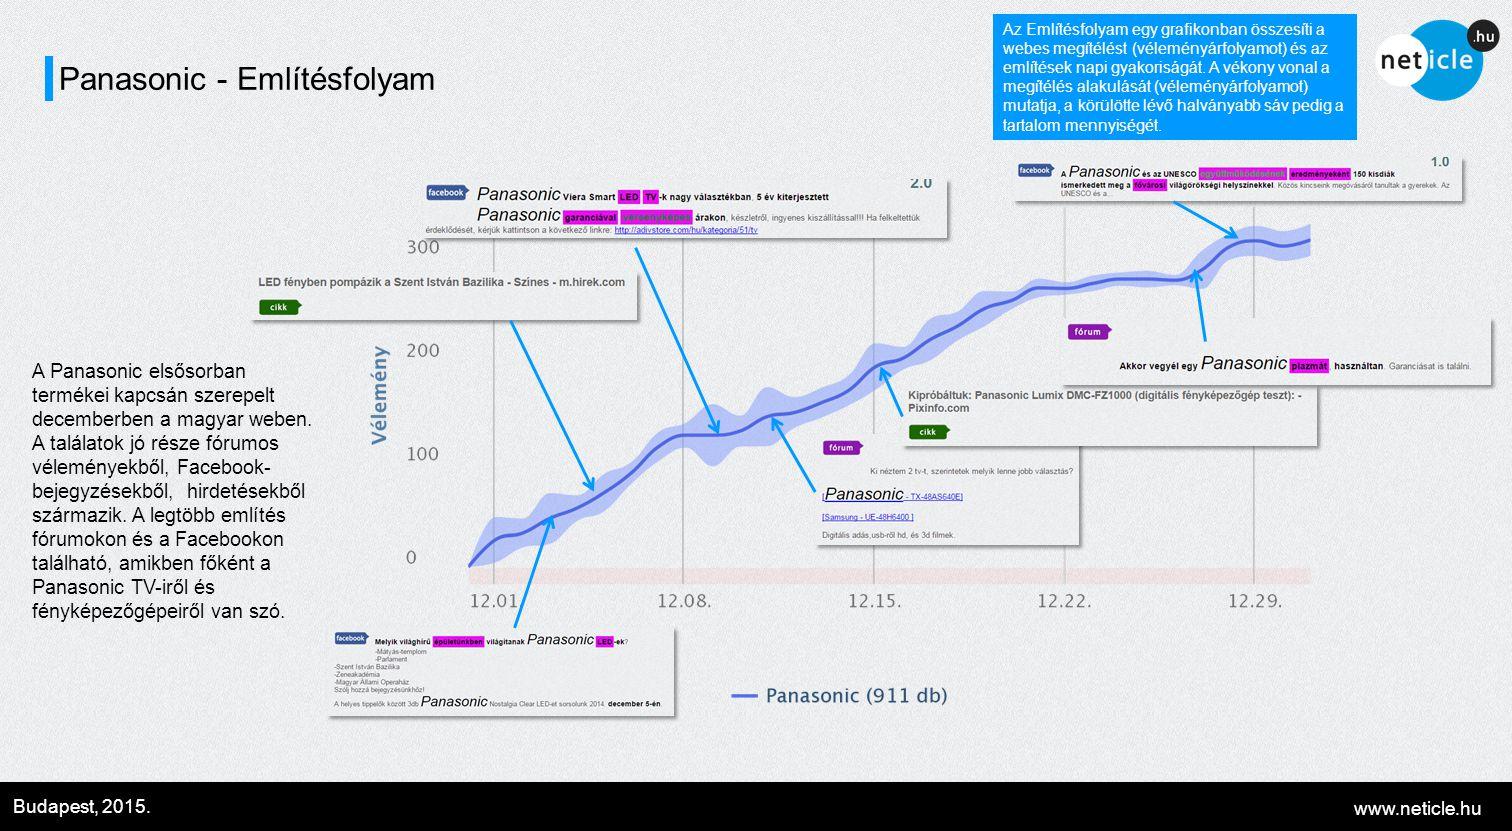 www.neticle.hu Budapest, 2015. Panasonic - Említésfolyam Az Említésfolyam egy grafikonban összesíti a webes megítélést (véleményárfolyamot) és az emlí